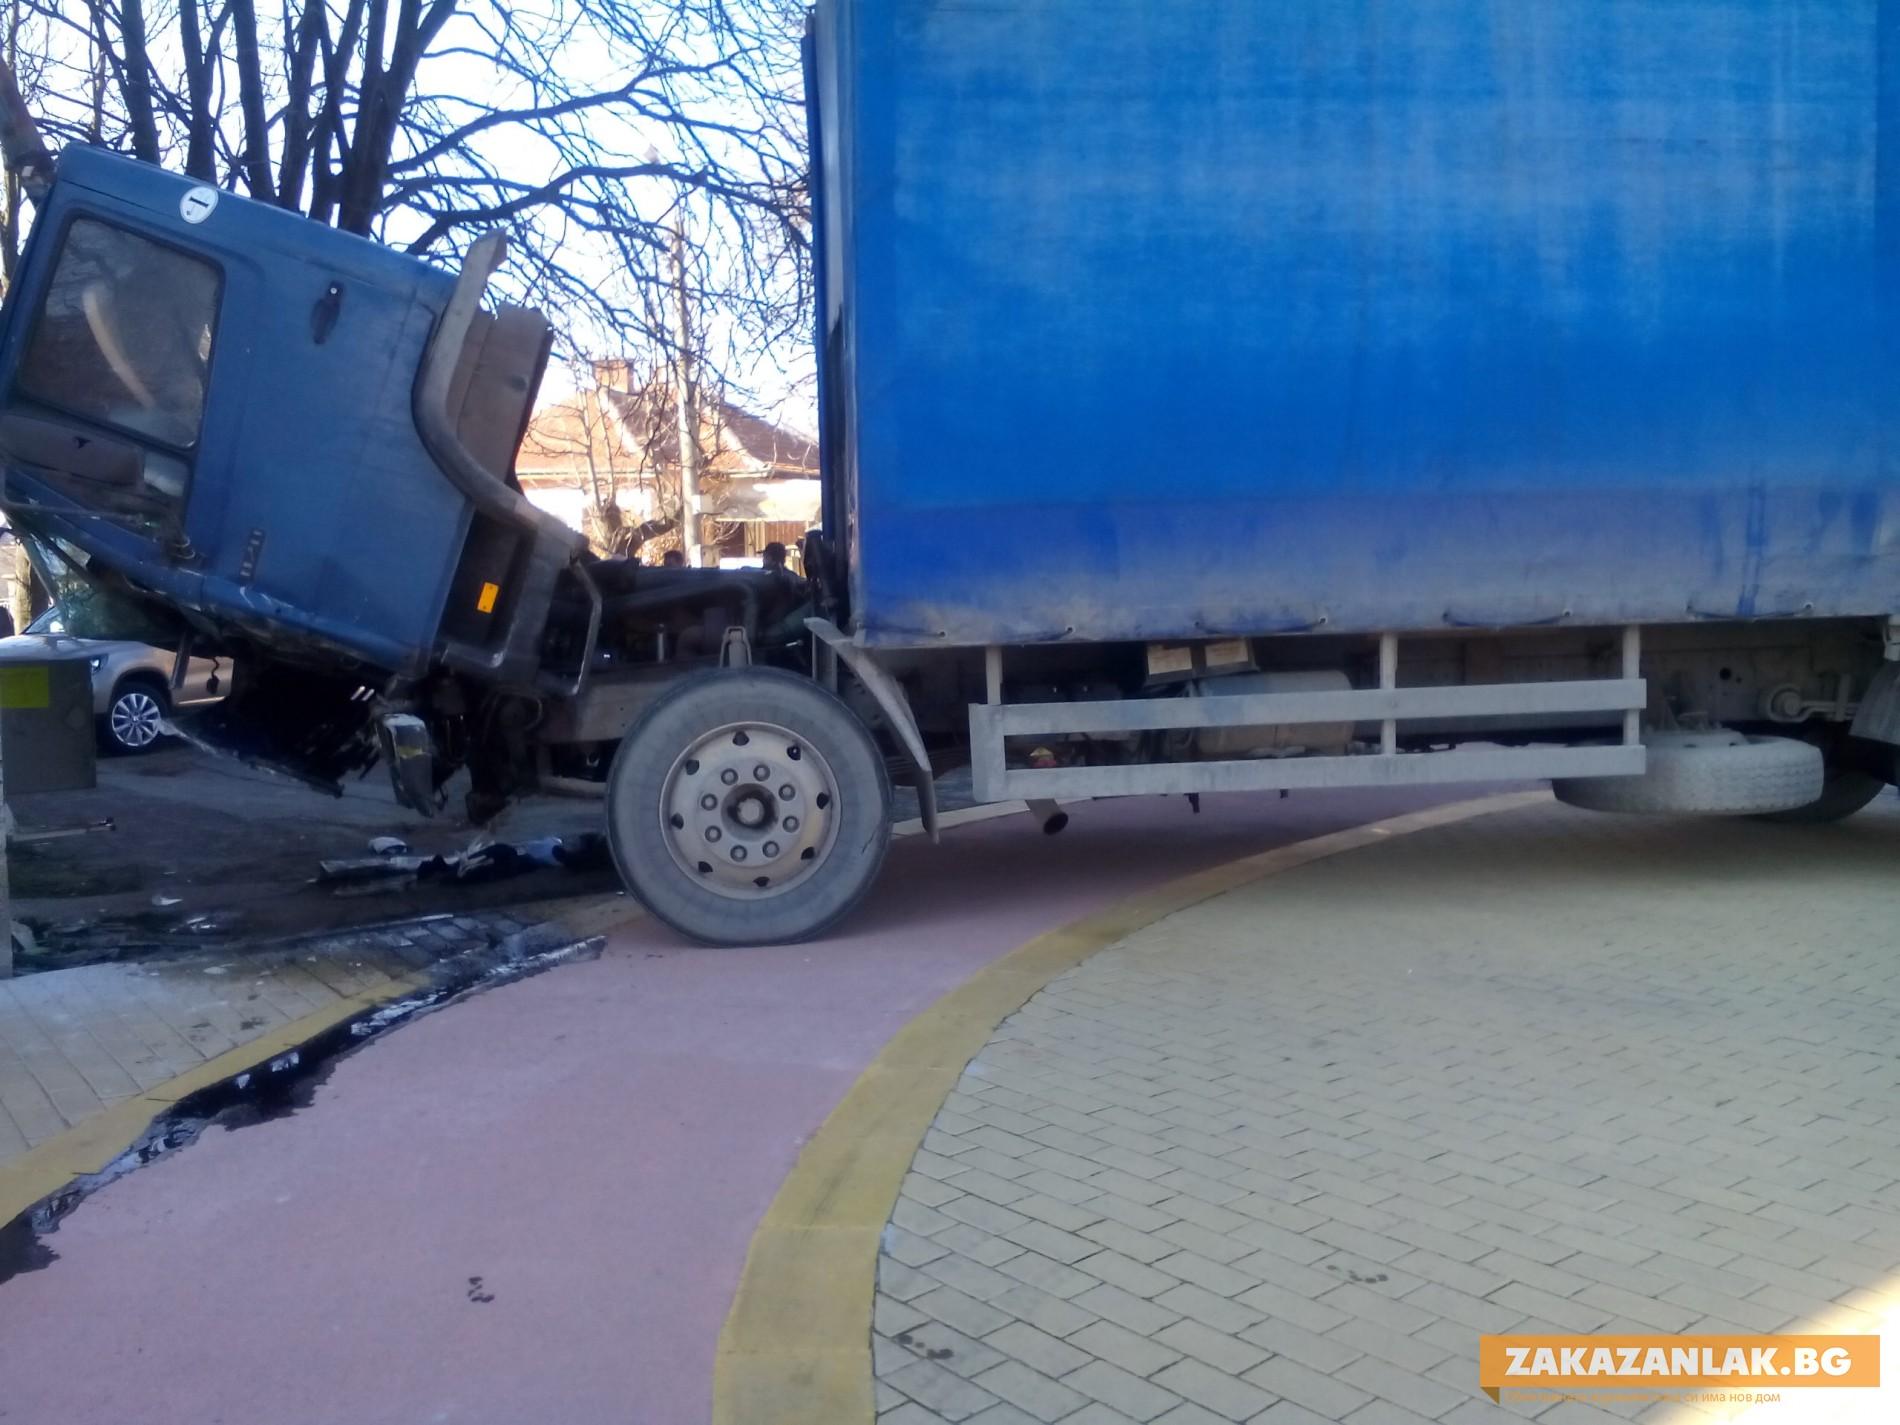 Прокуратурата в Казанлък разследва инцидента с товарния камион